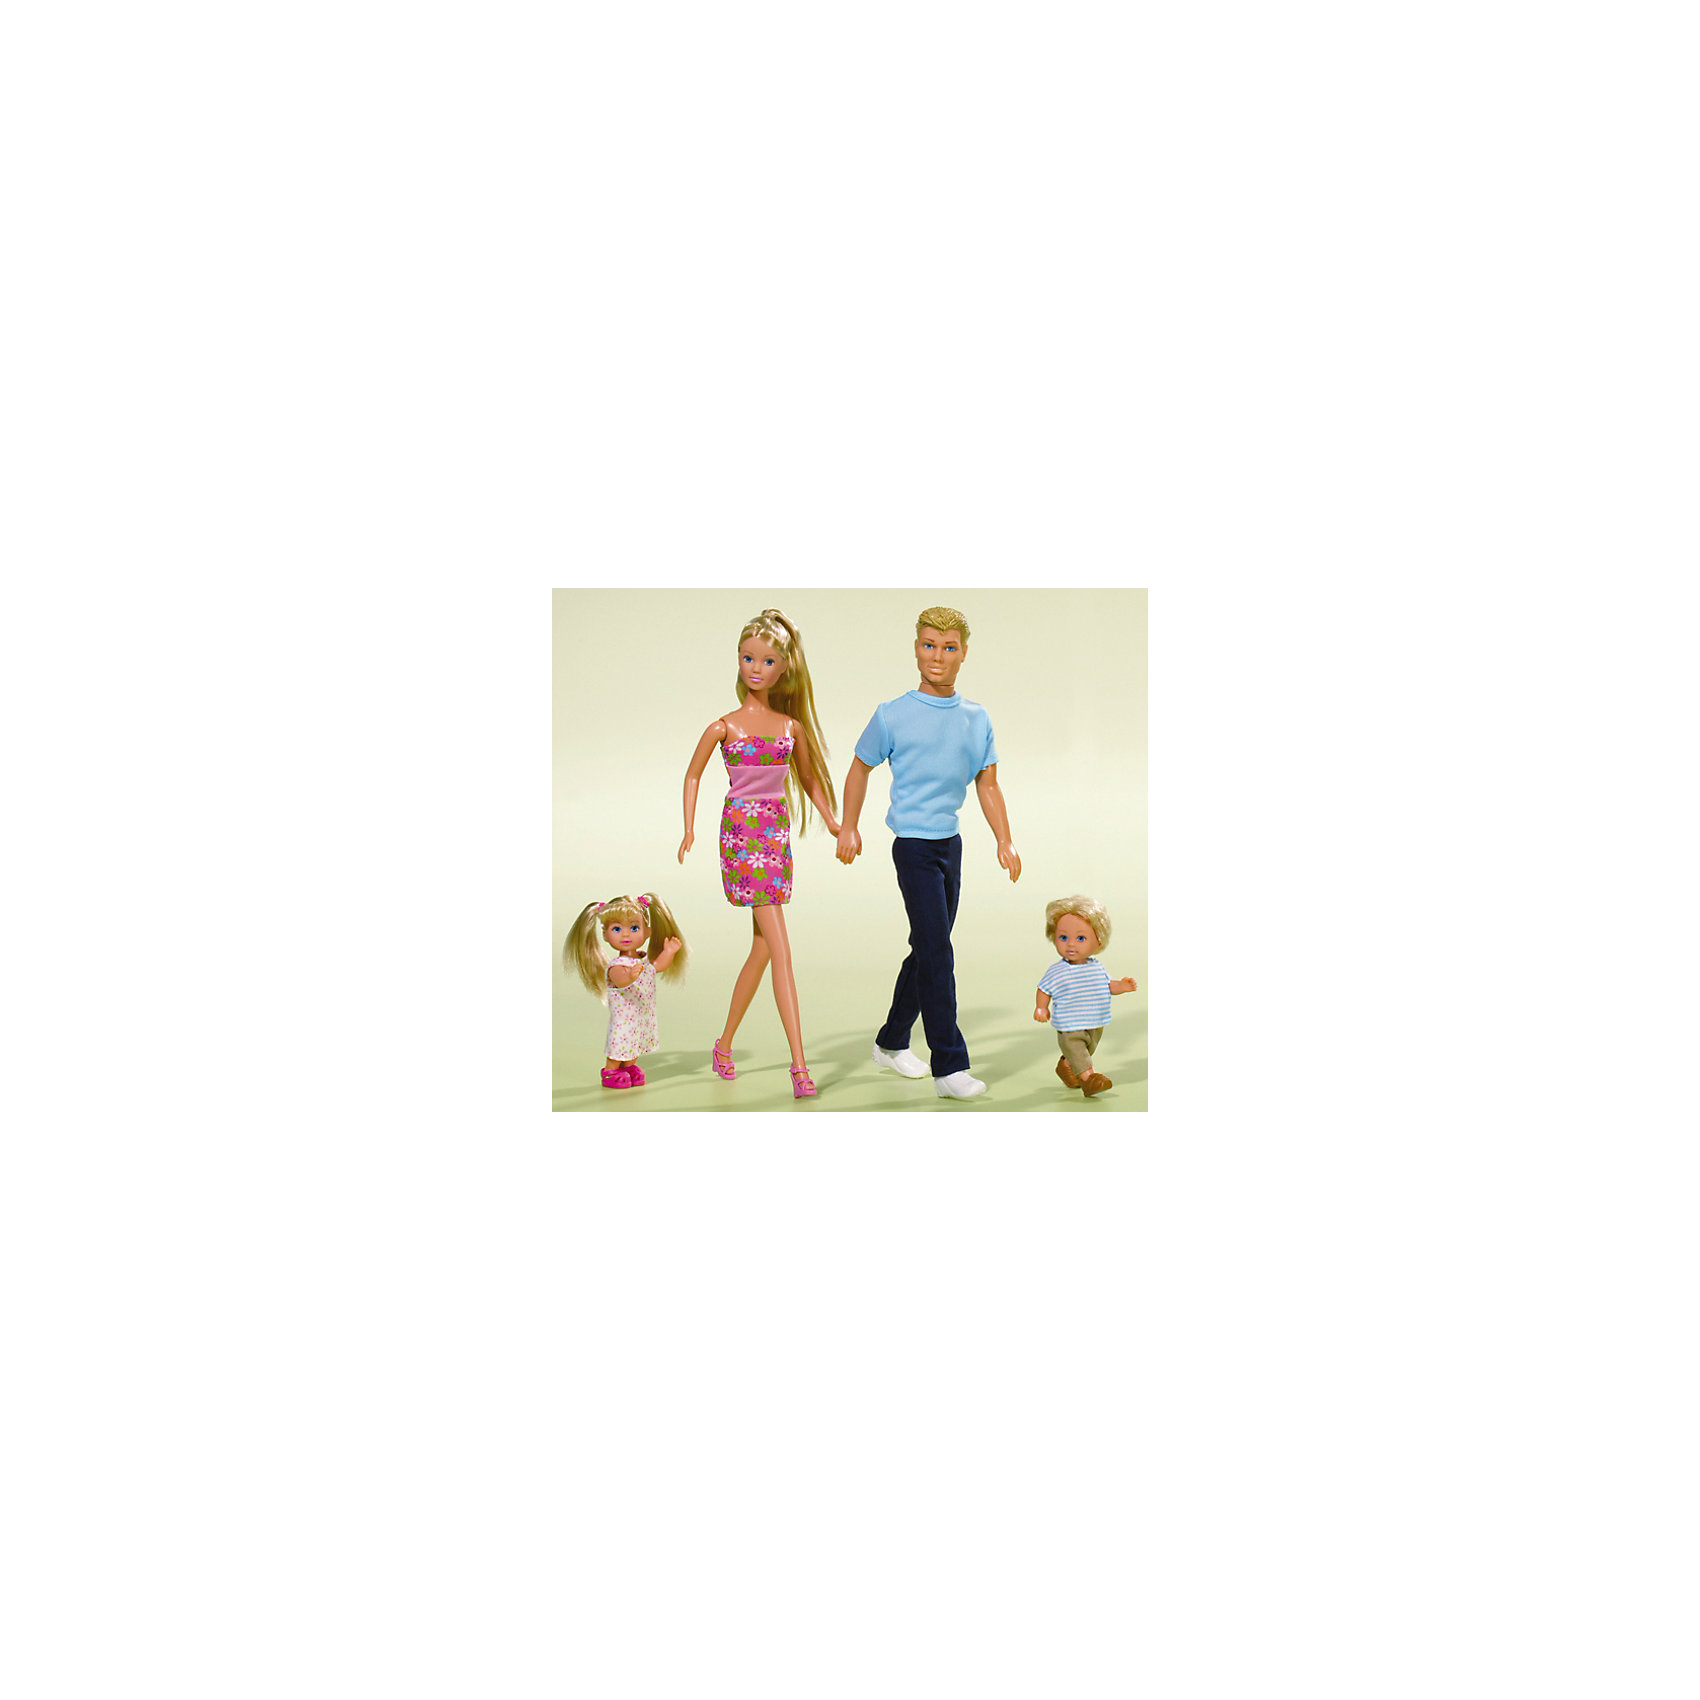 Семья Штеффи Steffi Love, SimbaСемья Штеффи Steffi Love, Simba- прекрасные куклы, которые станут отличным подарком для маленькой девочки.<br>Набор «Семья Штеффи» порадует вашу девочку, ведь ей наверняка очень хотелось бы получить в подарок всю семью любимой куклы. Теперь она сможет представлять и обыгрывать самые разные сюжеты из повседневной жизни, представлять себя на месте мамы или воспроизводить события, которые произошли в ее собственной семье. В набор входят: Штеффи — заботливая мама, ее муж Кевин и два малыша Еви и Тимми. Одежда кукол прекрасно гармонирует друг с другом. У мамы с дочкой роскошные волосы, которые можно расчесывать и придумывать разнообразные прически. Тимми можно просто расчесывать. Волосы Кевина всегда будут выглядеть превосходно, так как они сделаны из того же материала, что и голова. Ручки, ножки и головы всех кукол подвижны. Игрушки изготовлены из высококачественных материалов, не вызывают аллергии.<br><br>Дополнительная информация:<br><br>- В наборе: 4 куклы<br>- Высота кукол: Штеффи - 29 см, Кевин - 30 см, Еви и Тимми - 12 см.<br>- Материал: пластмасса, текстиль<br>- Упаковка: туба<br>- Высота тубы: 99,5 см.<br><br>Набор Семья Штеффи Steffi Love, Simba можно купить в нашем интернет-магазине.<br><br>Ширина мм: 95<br>Глубина мм: 55<br>Высота мм: 300<br>Вес г: 560<br>Возраст от месяцев: 36<br>Возраст до месяцев: 84<br>Пол: Женский<br>Возраст: Детский<br>SKU: 4523965